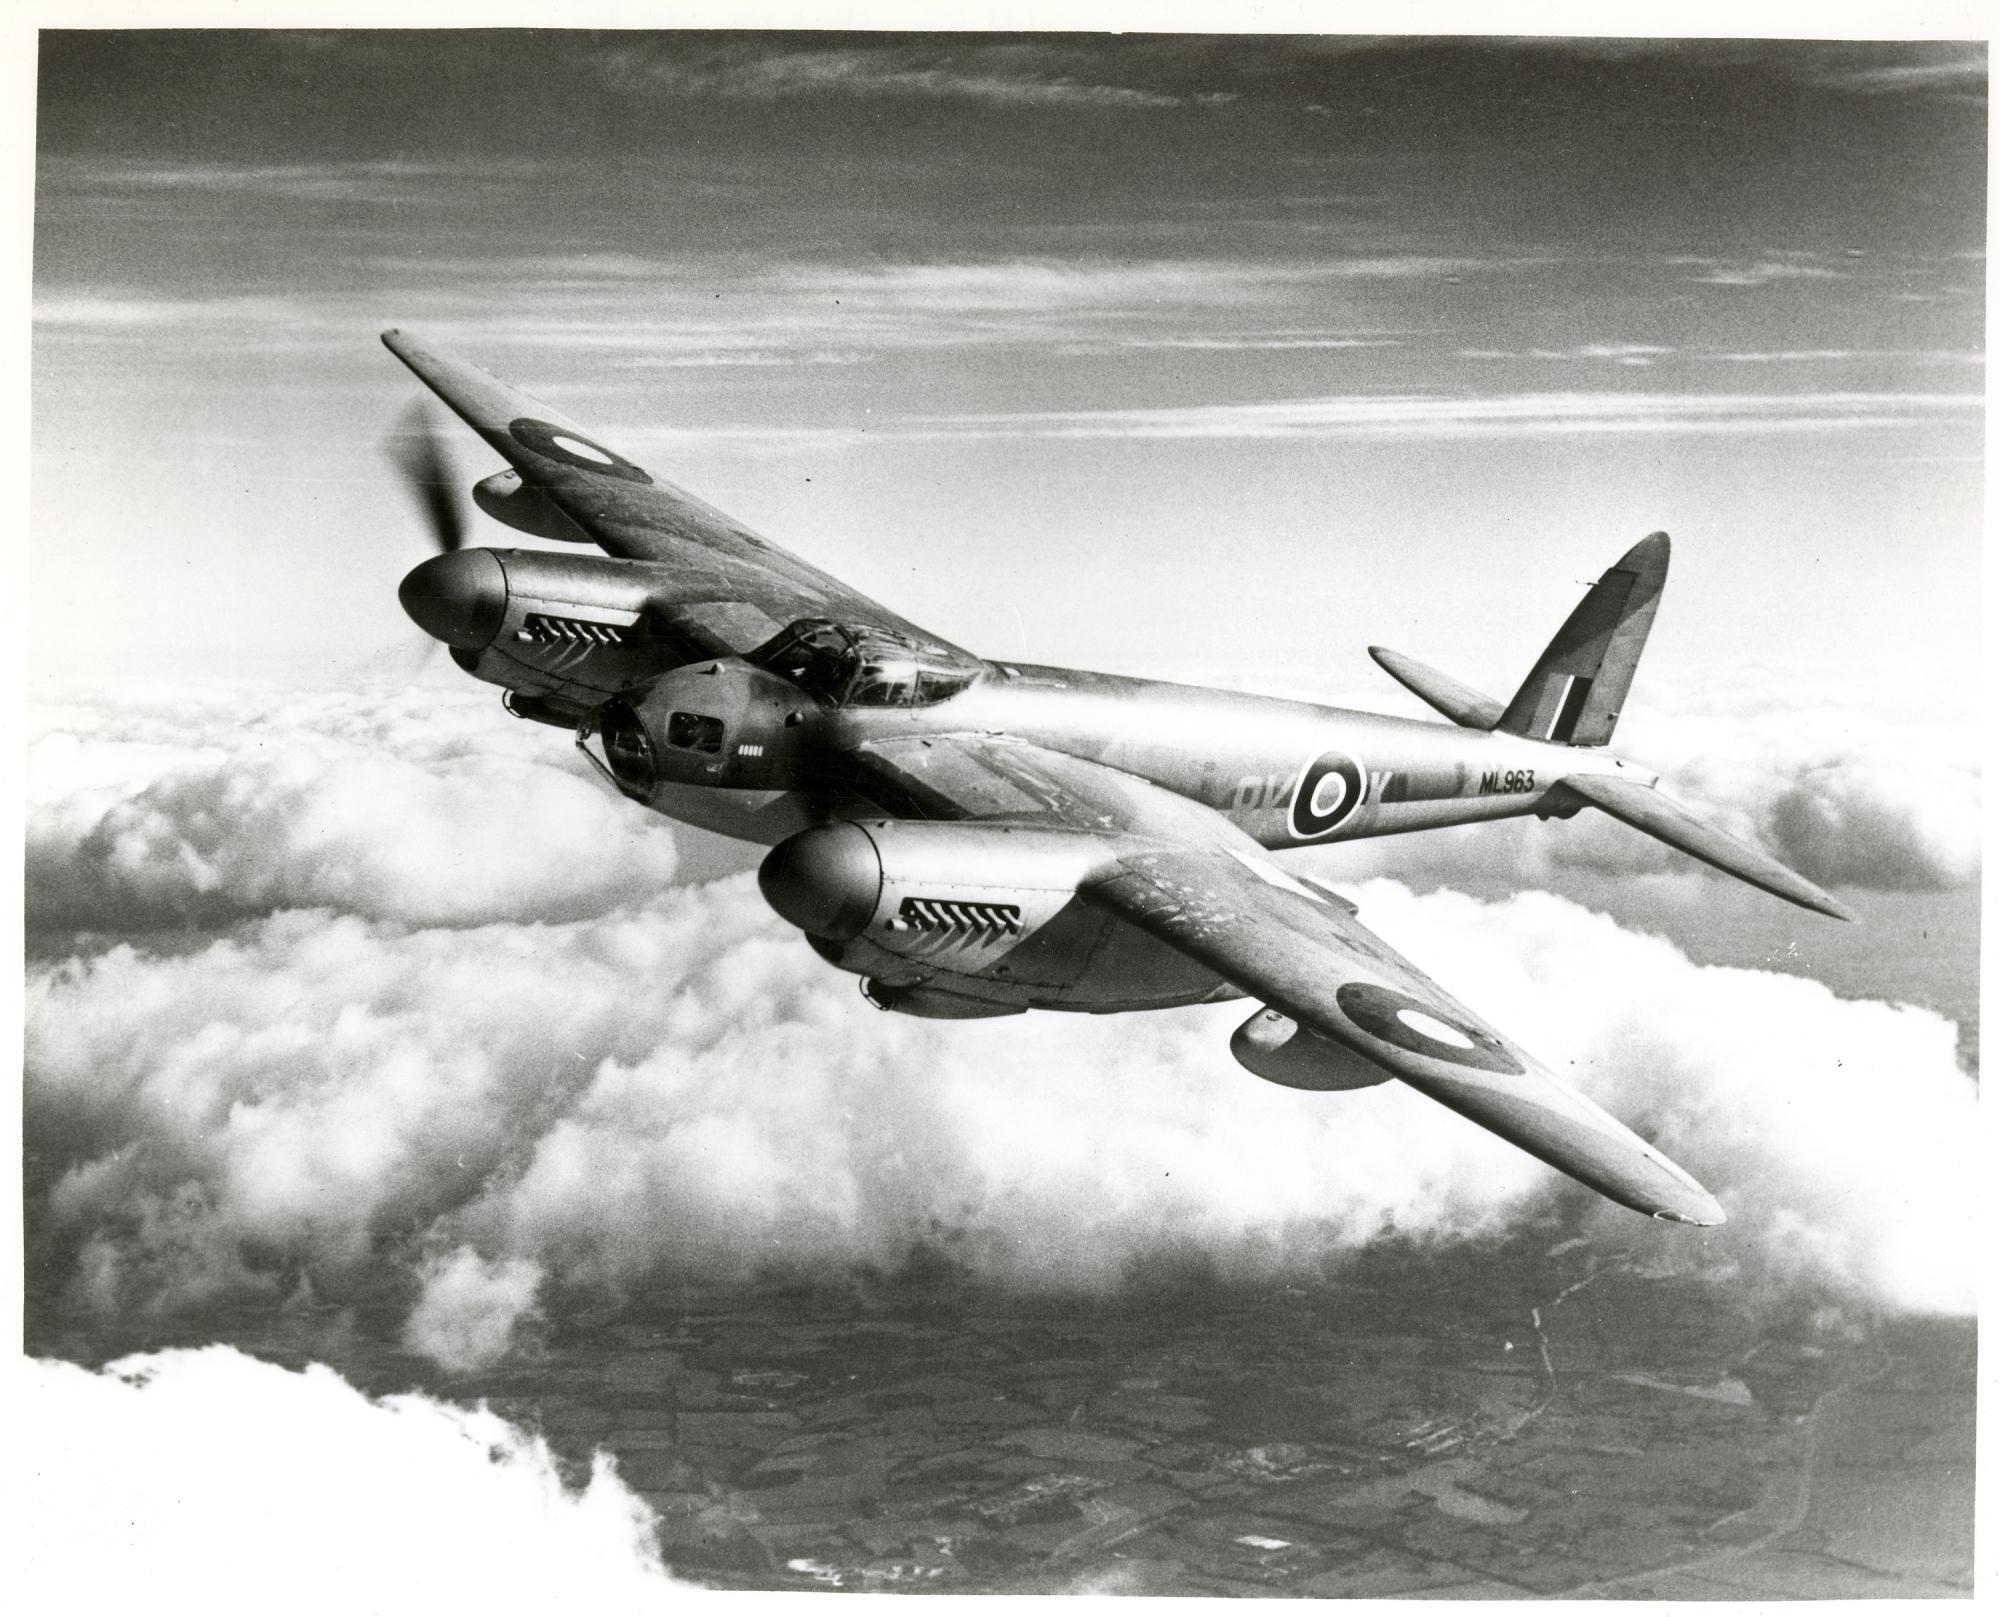 Истребитель-бомбардировщик Де-Хэвилленд DH-98 «Москито»